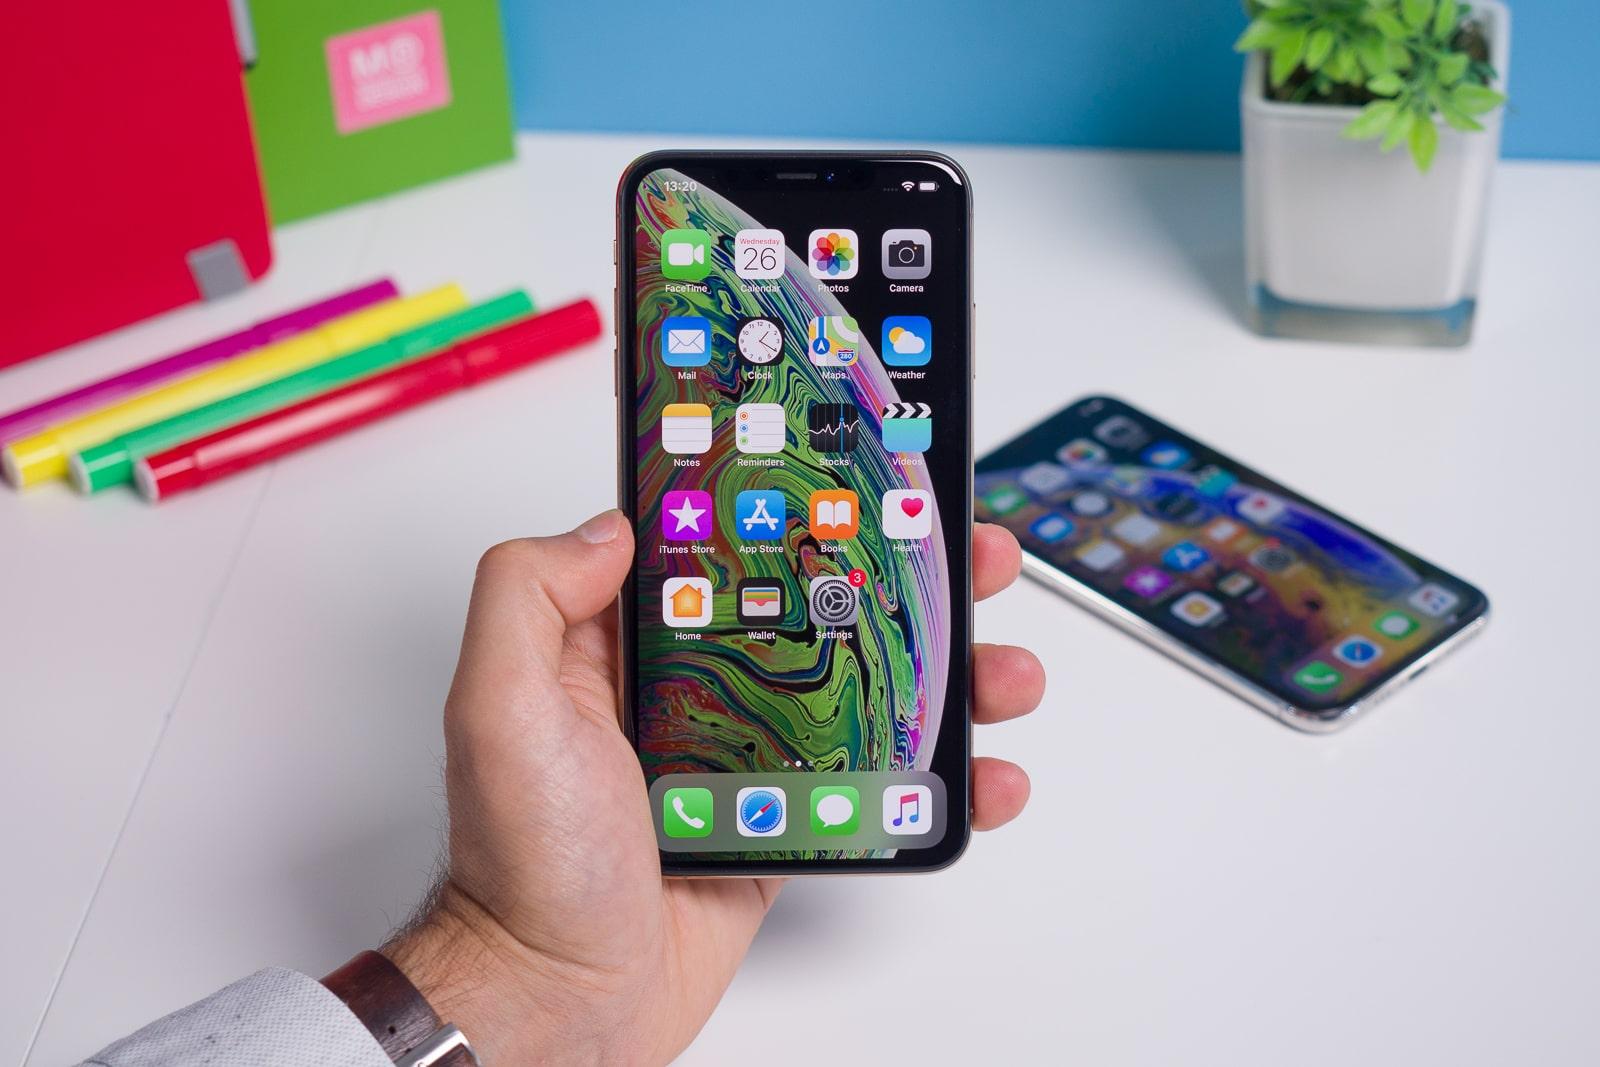 تعویض یا تعمیر ال سی دی آیفون XS Max در نمایندگی اپل | گارانتی اپل